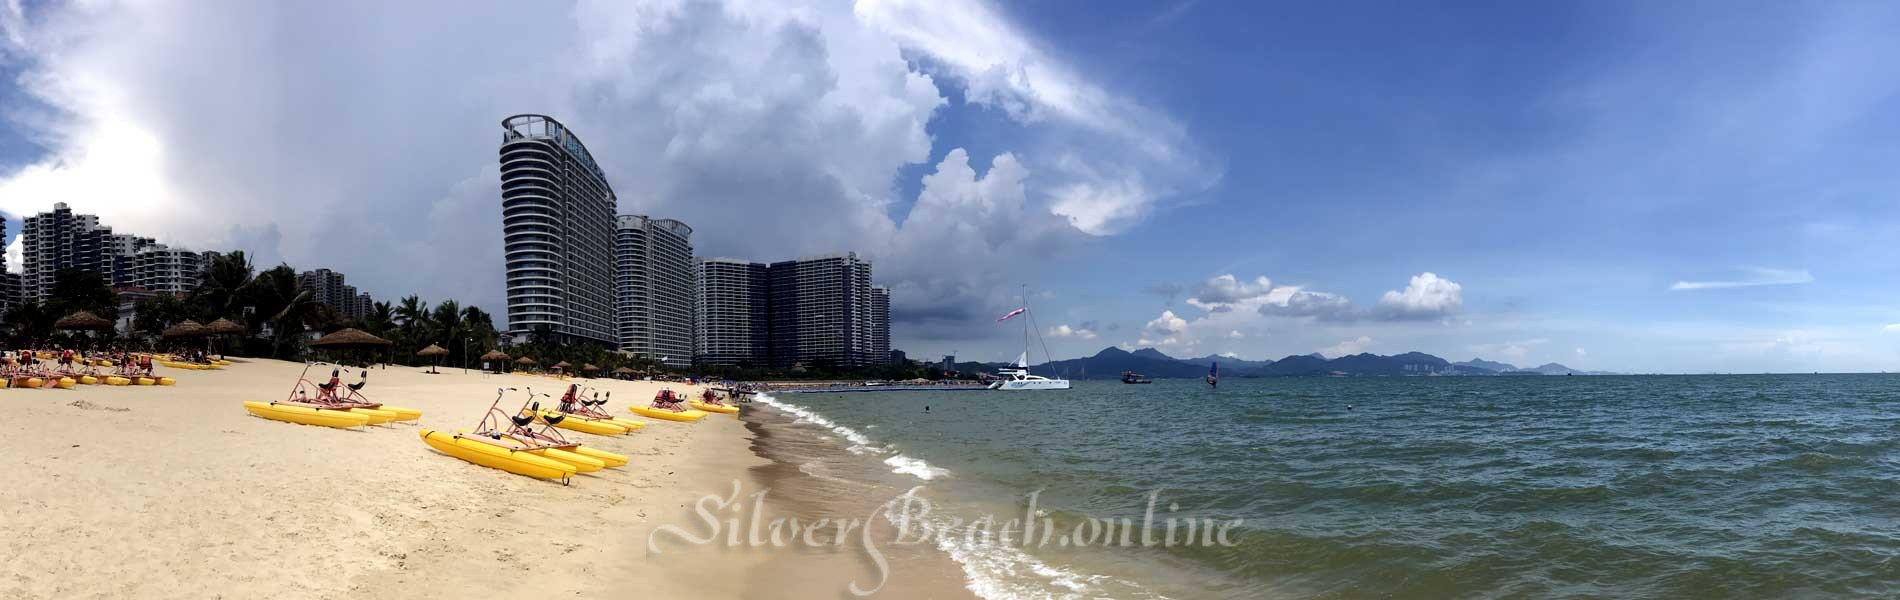 Большой пляж, теплое море, ласковое солнце